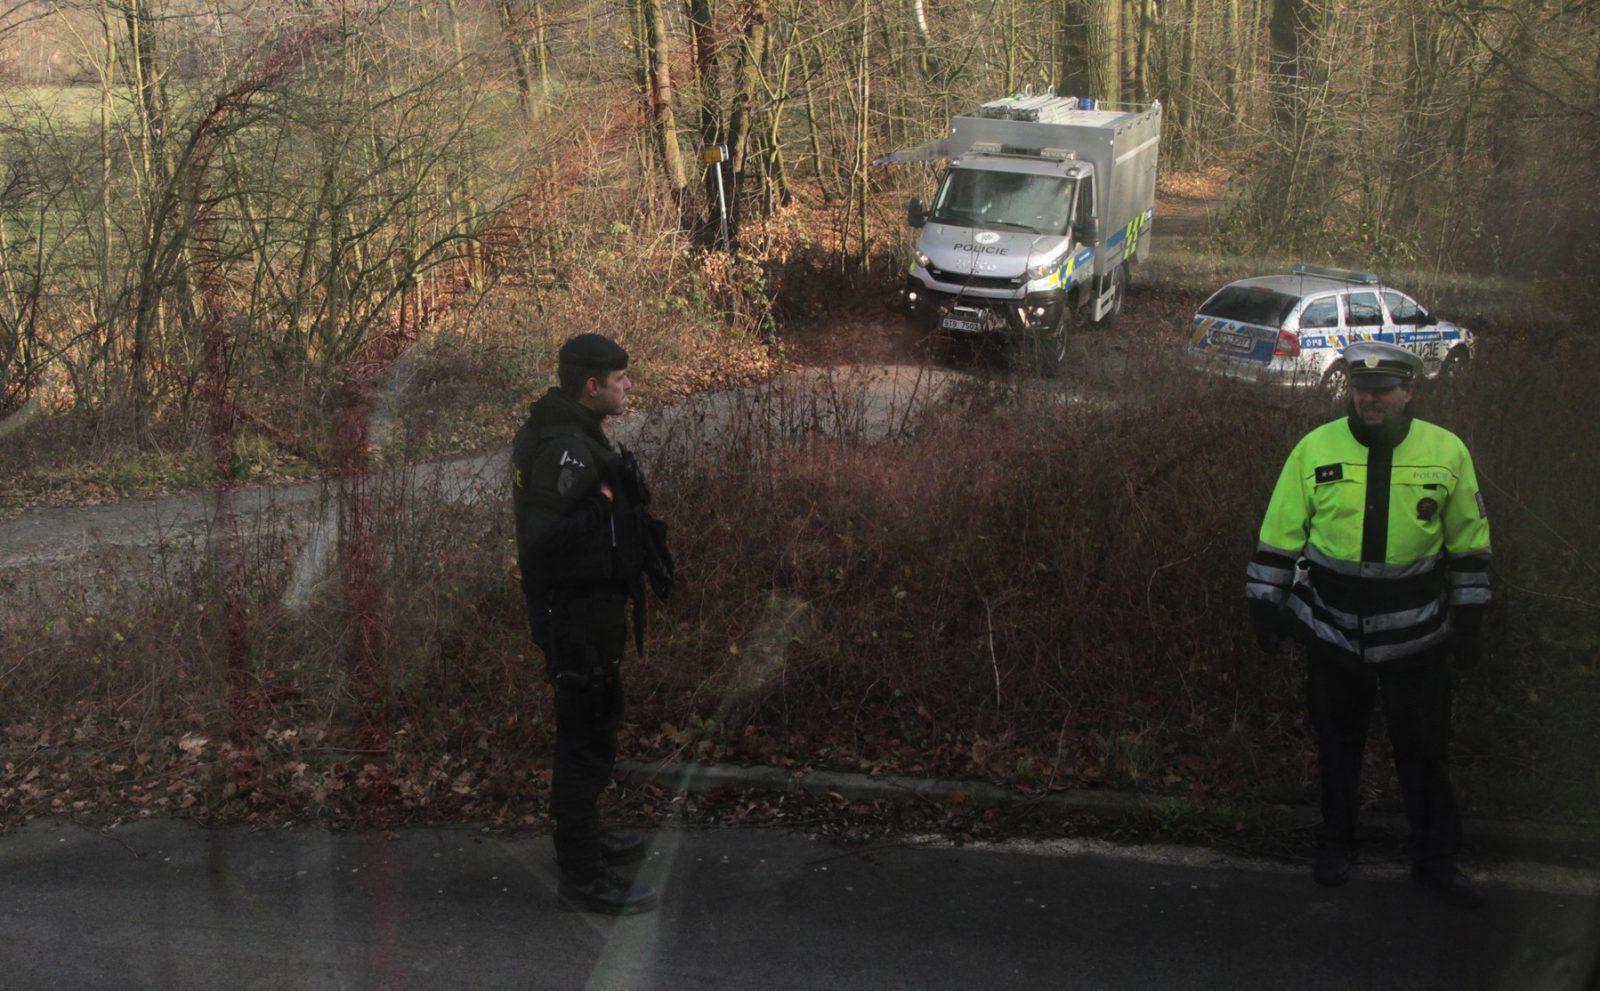 Policejní vyšetřování na místě mezi Děhylovem a Třebovicemi, kde se Ctirad V. zastřelil